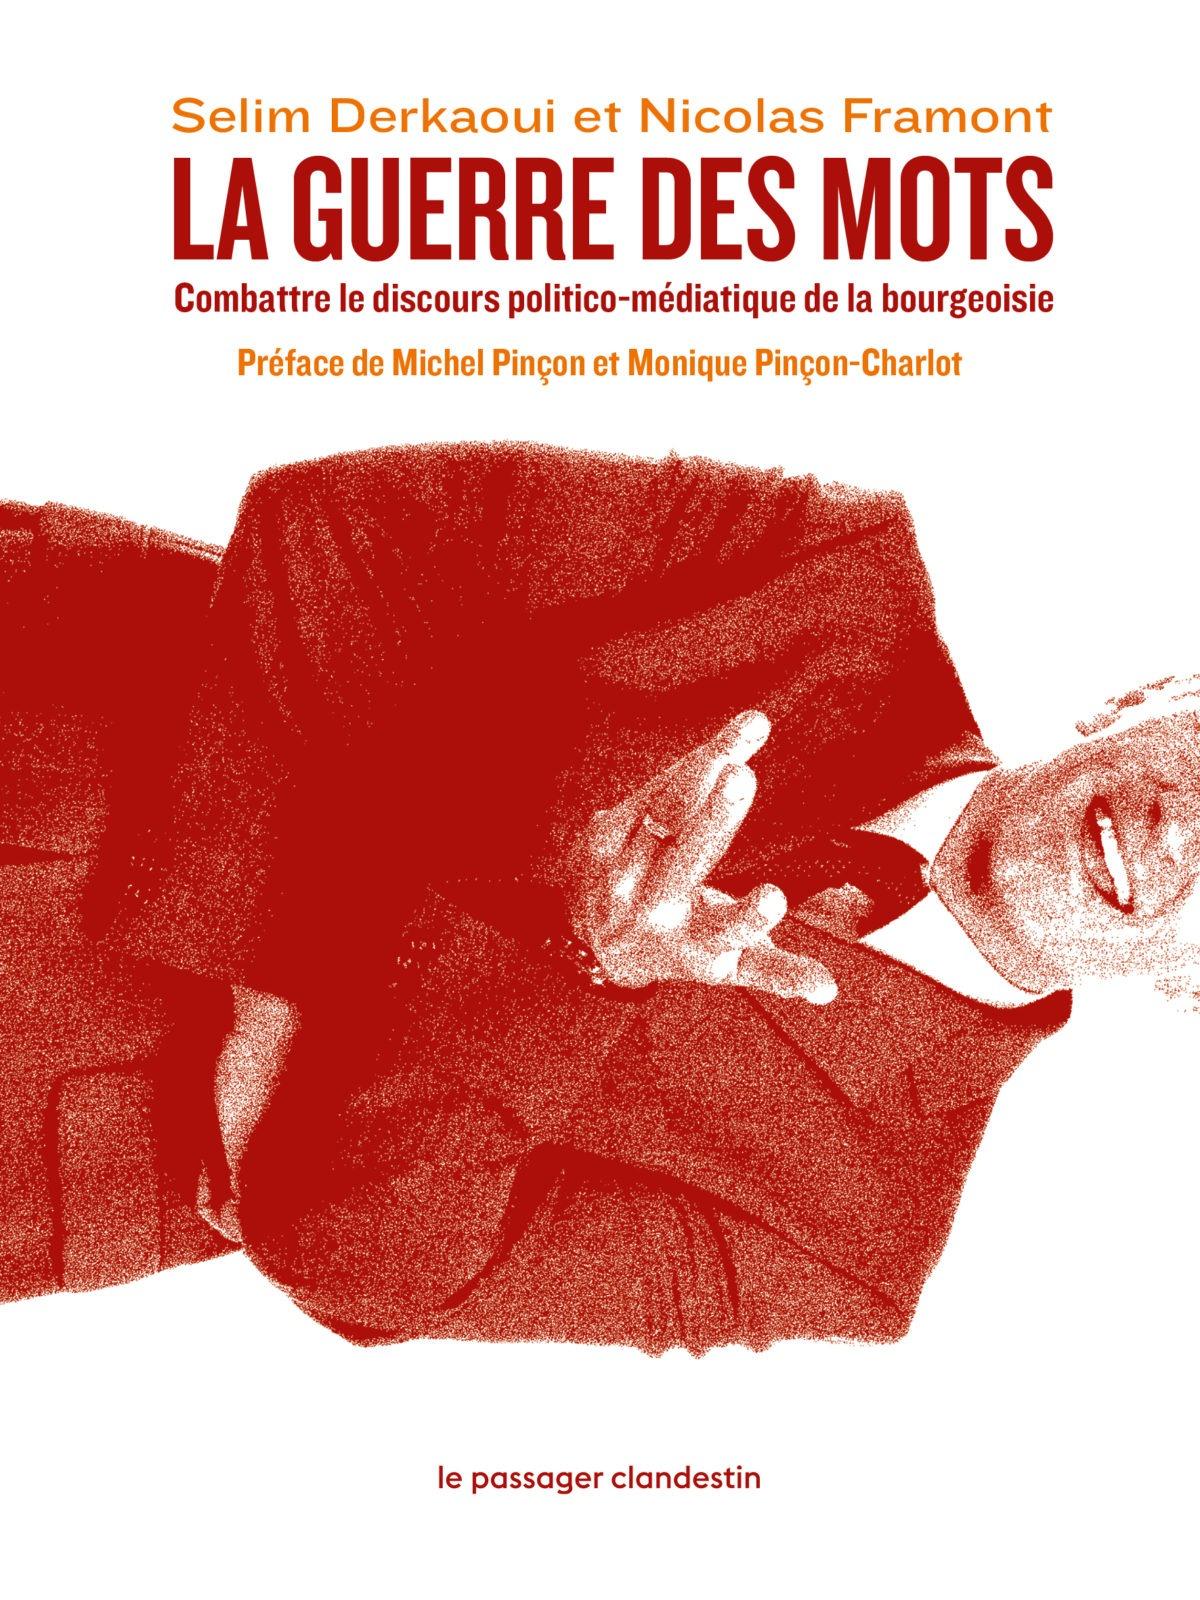 La guerre des mots. Combattre le discours politico-médiatique de la bourgeoisie